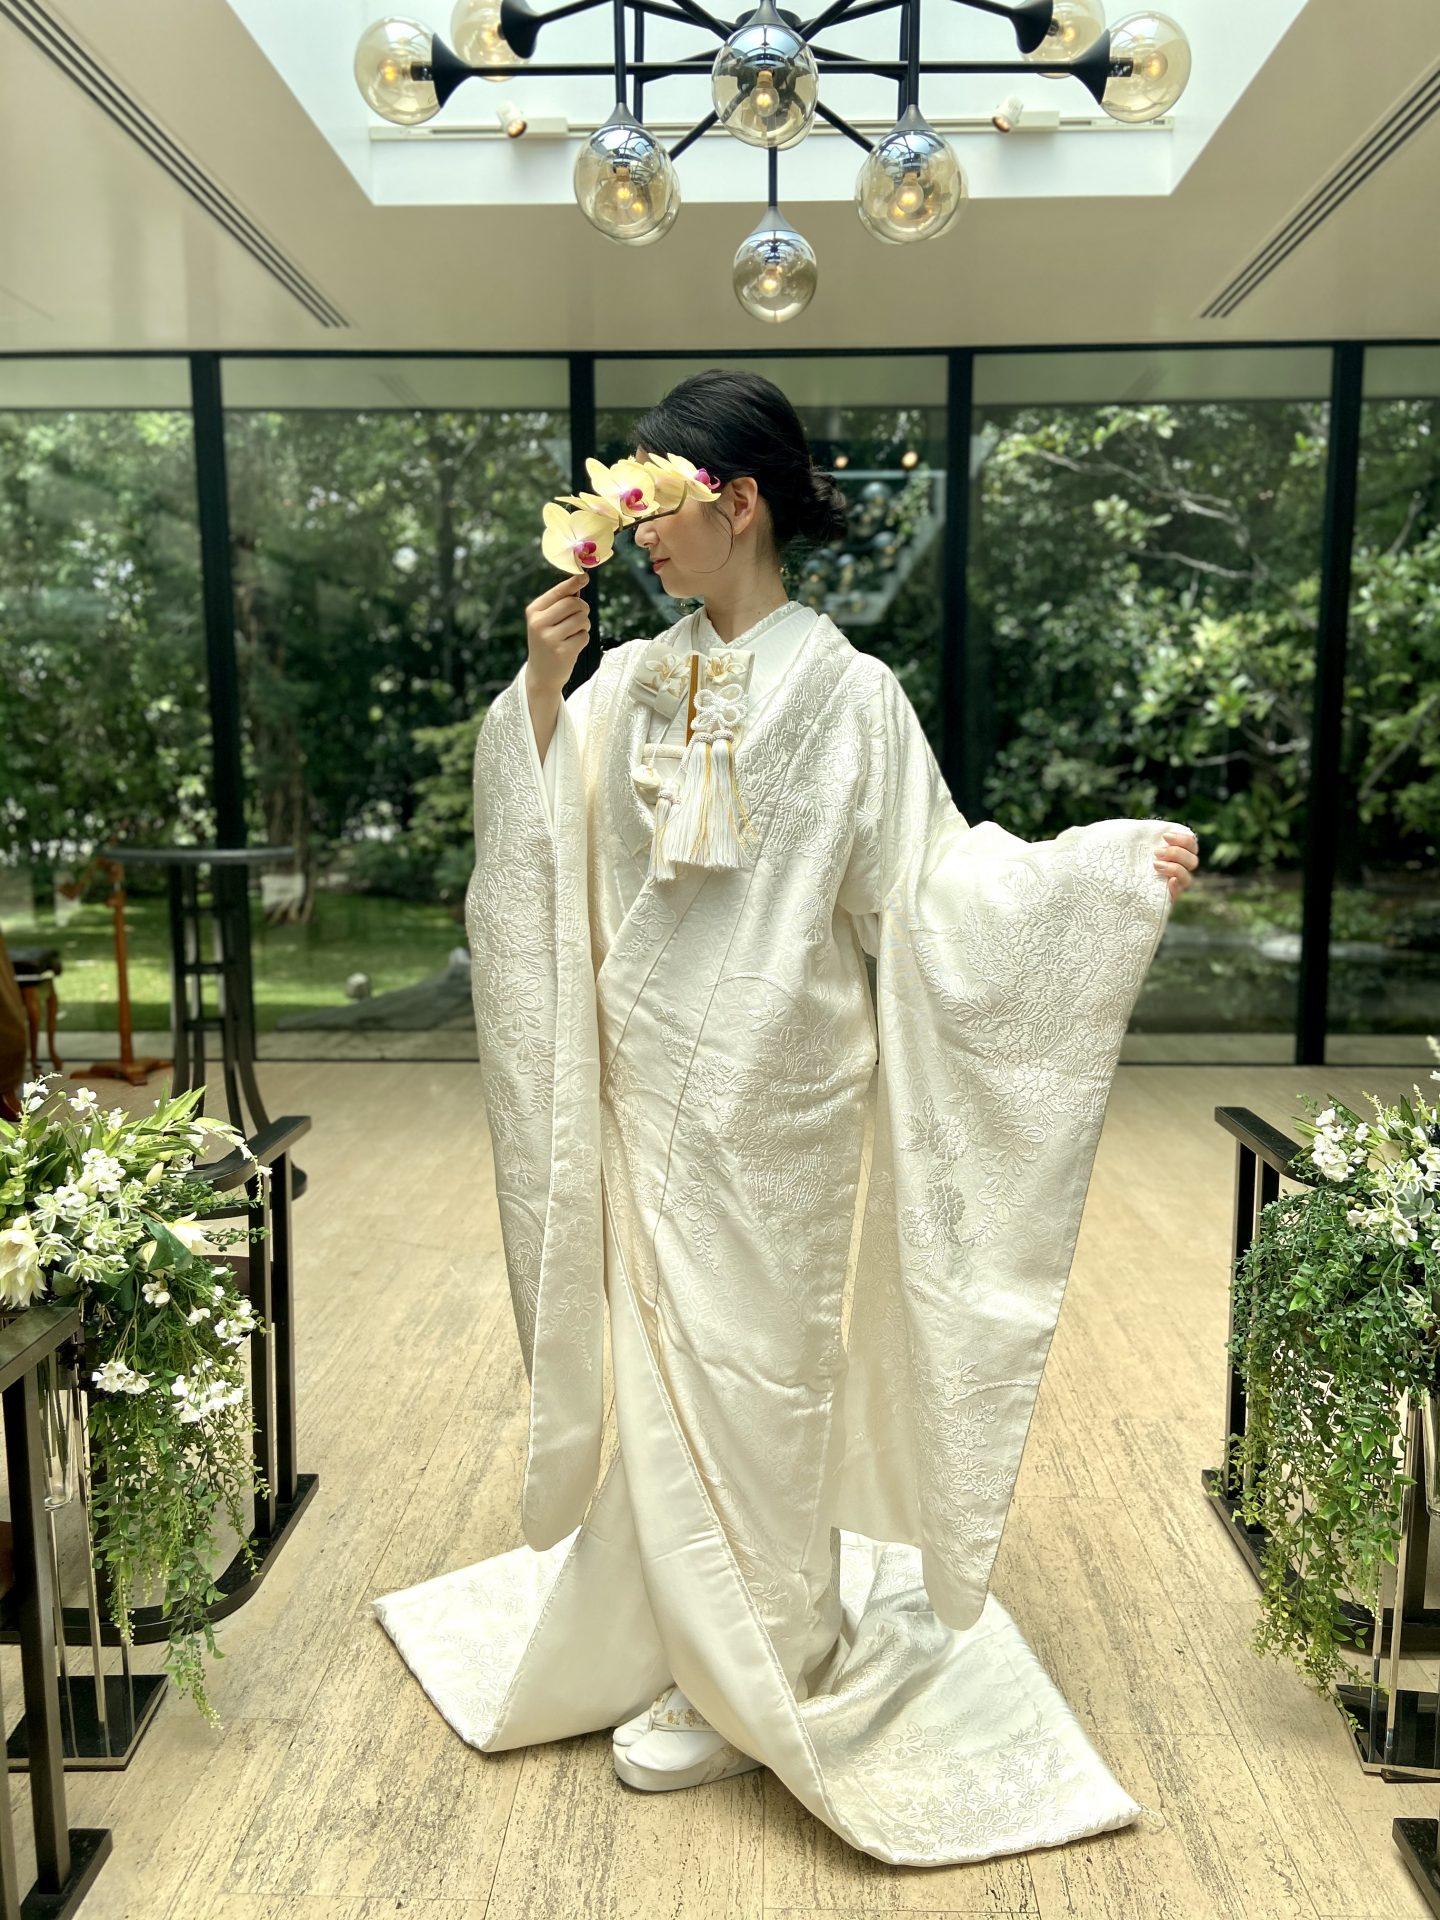 ザ・ガーデン・オリエンタル・オオサカのMUSIC HALLで白無垢をお召いただき、凛とした印象で挙式を挙げられるご新婦様